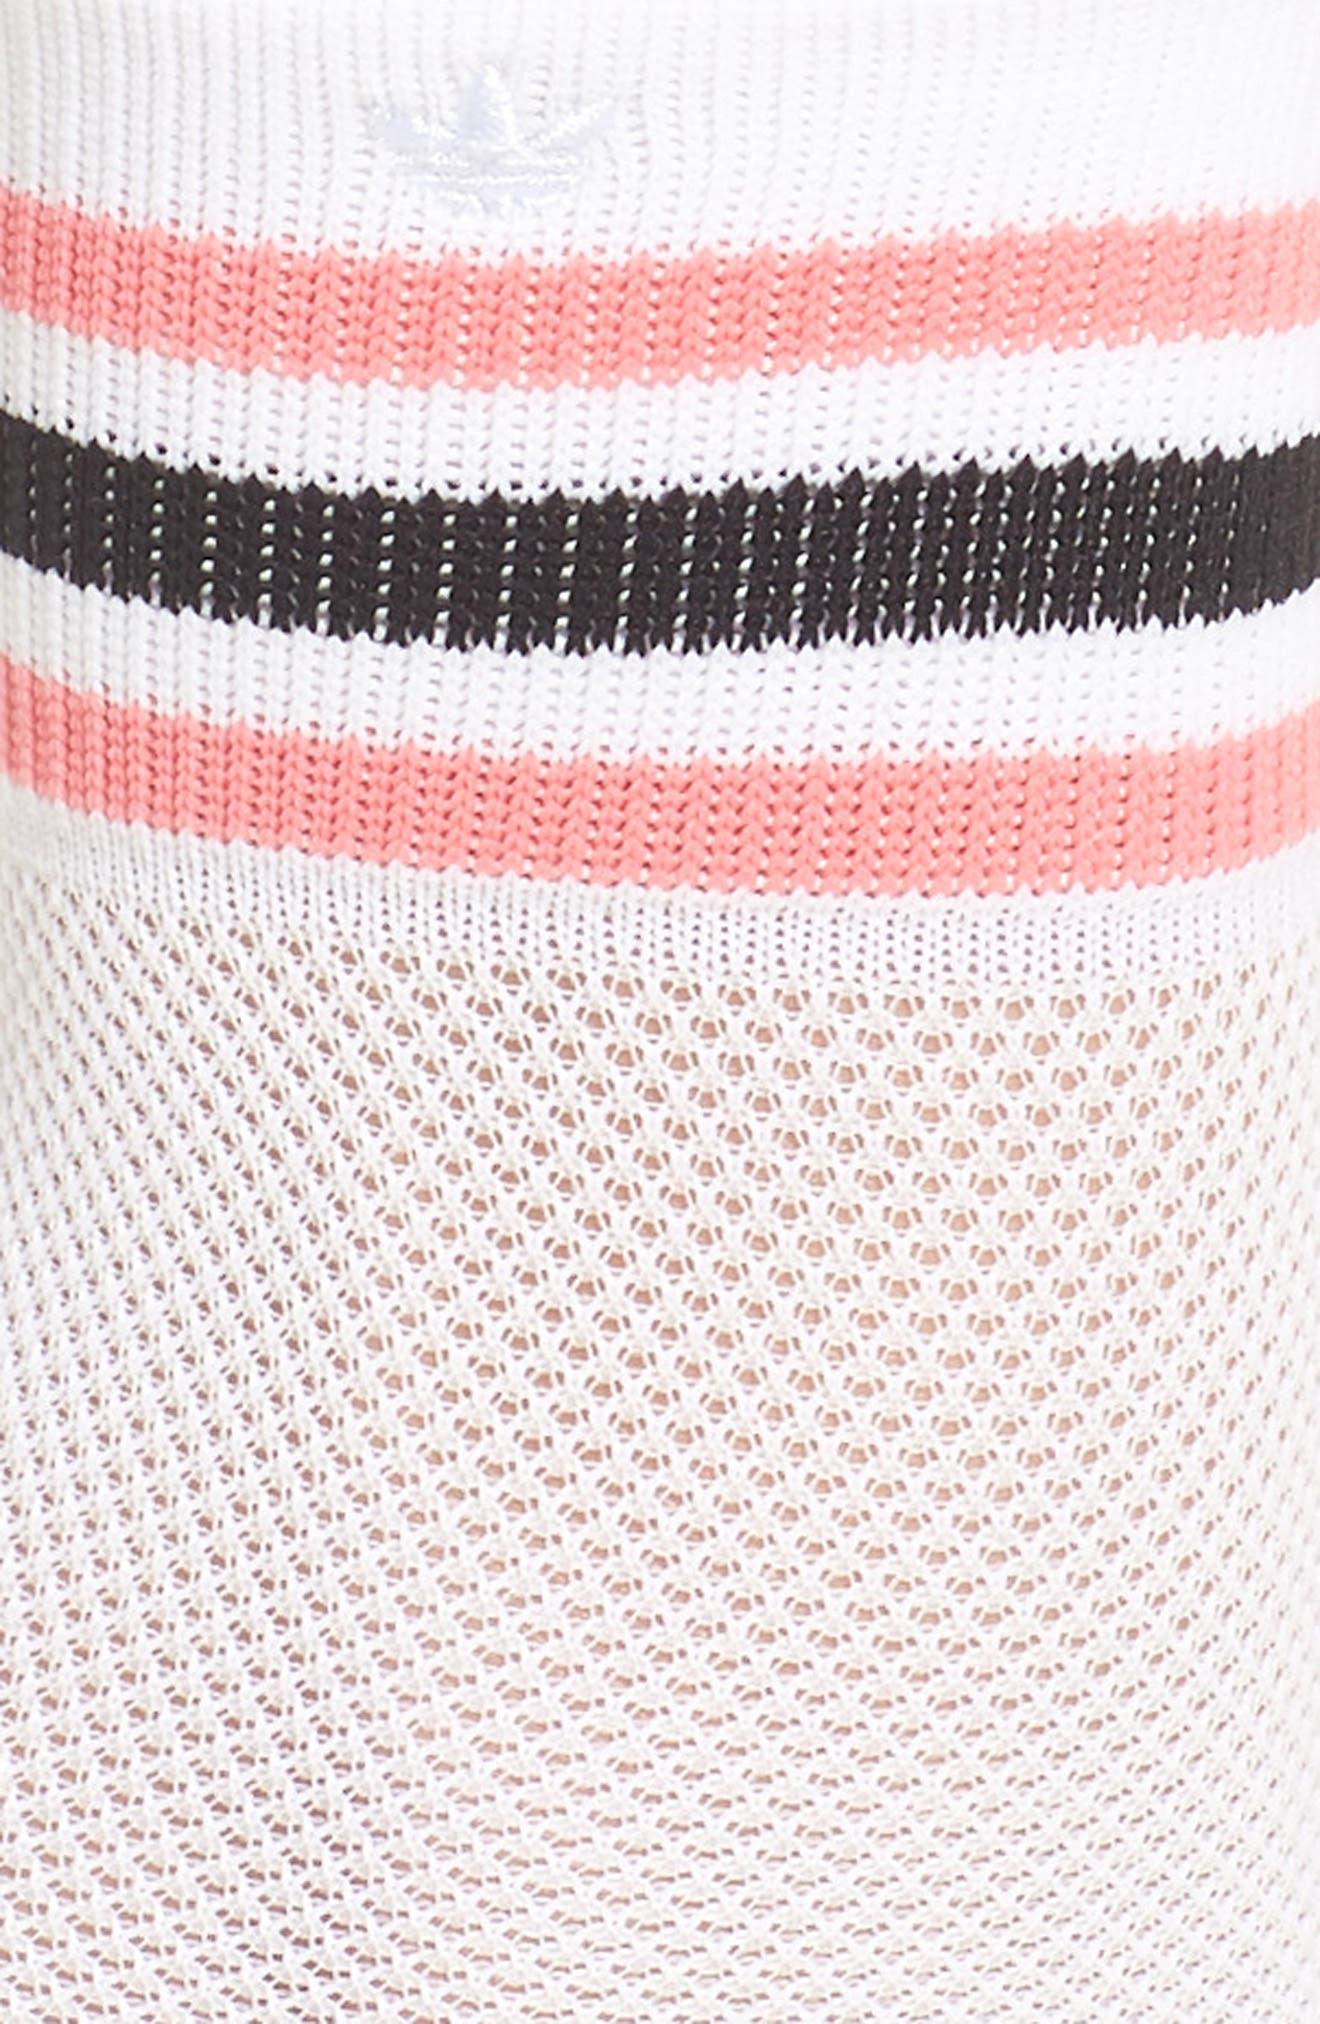 Stripe Mesh Ankle Socks,                             Alternate thumbnail 2, color,                             White/ Chalk Pink/ Black